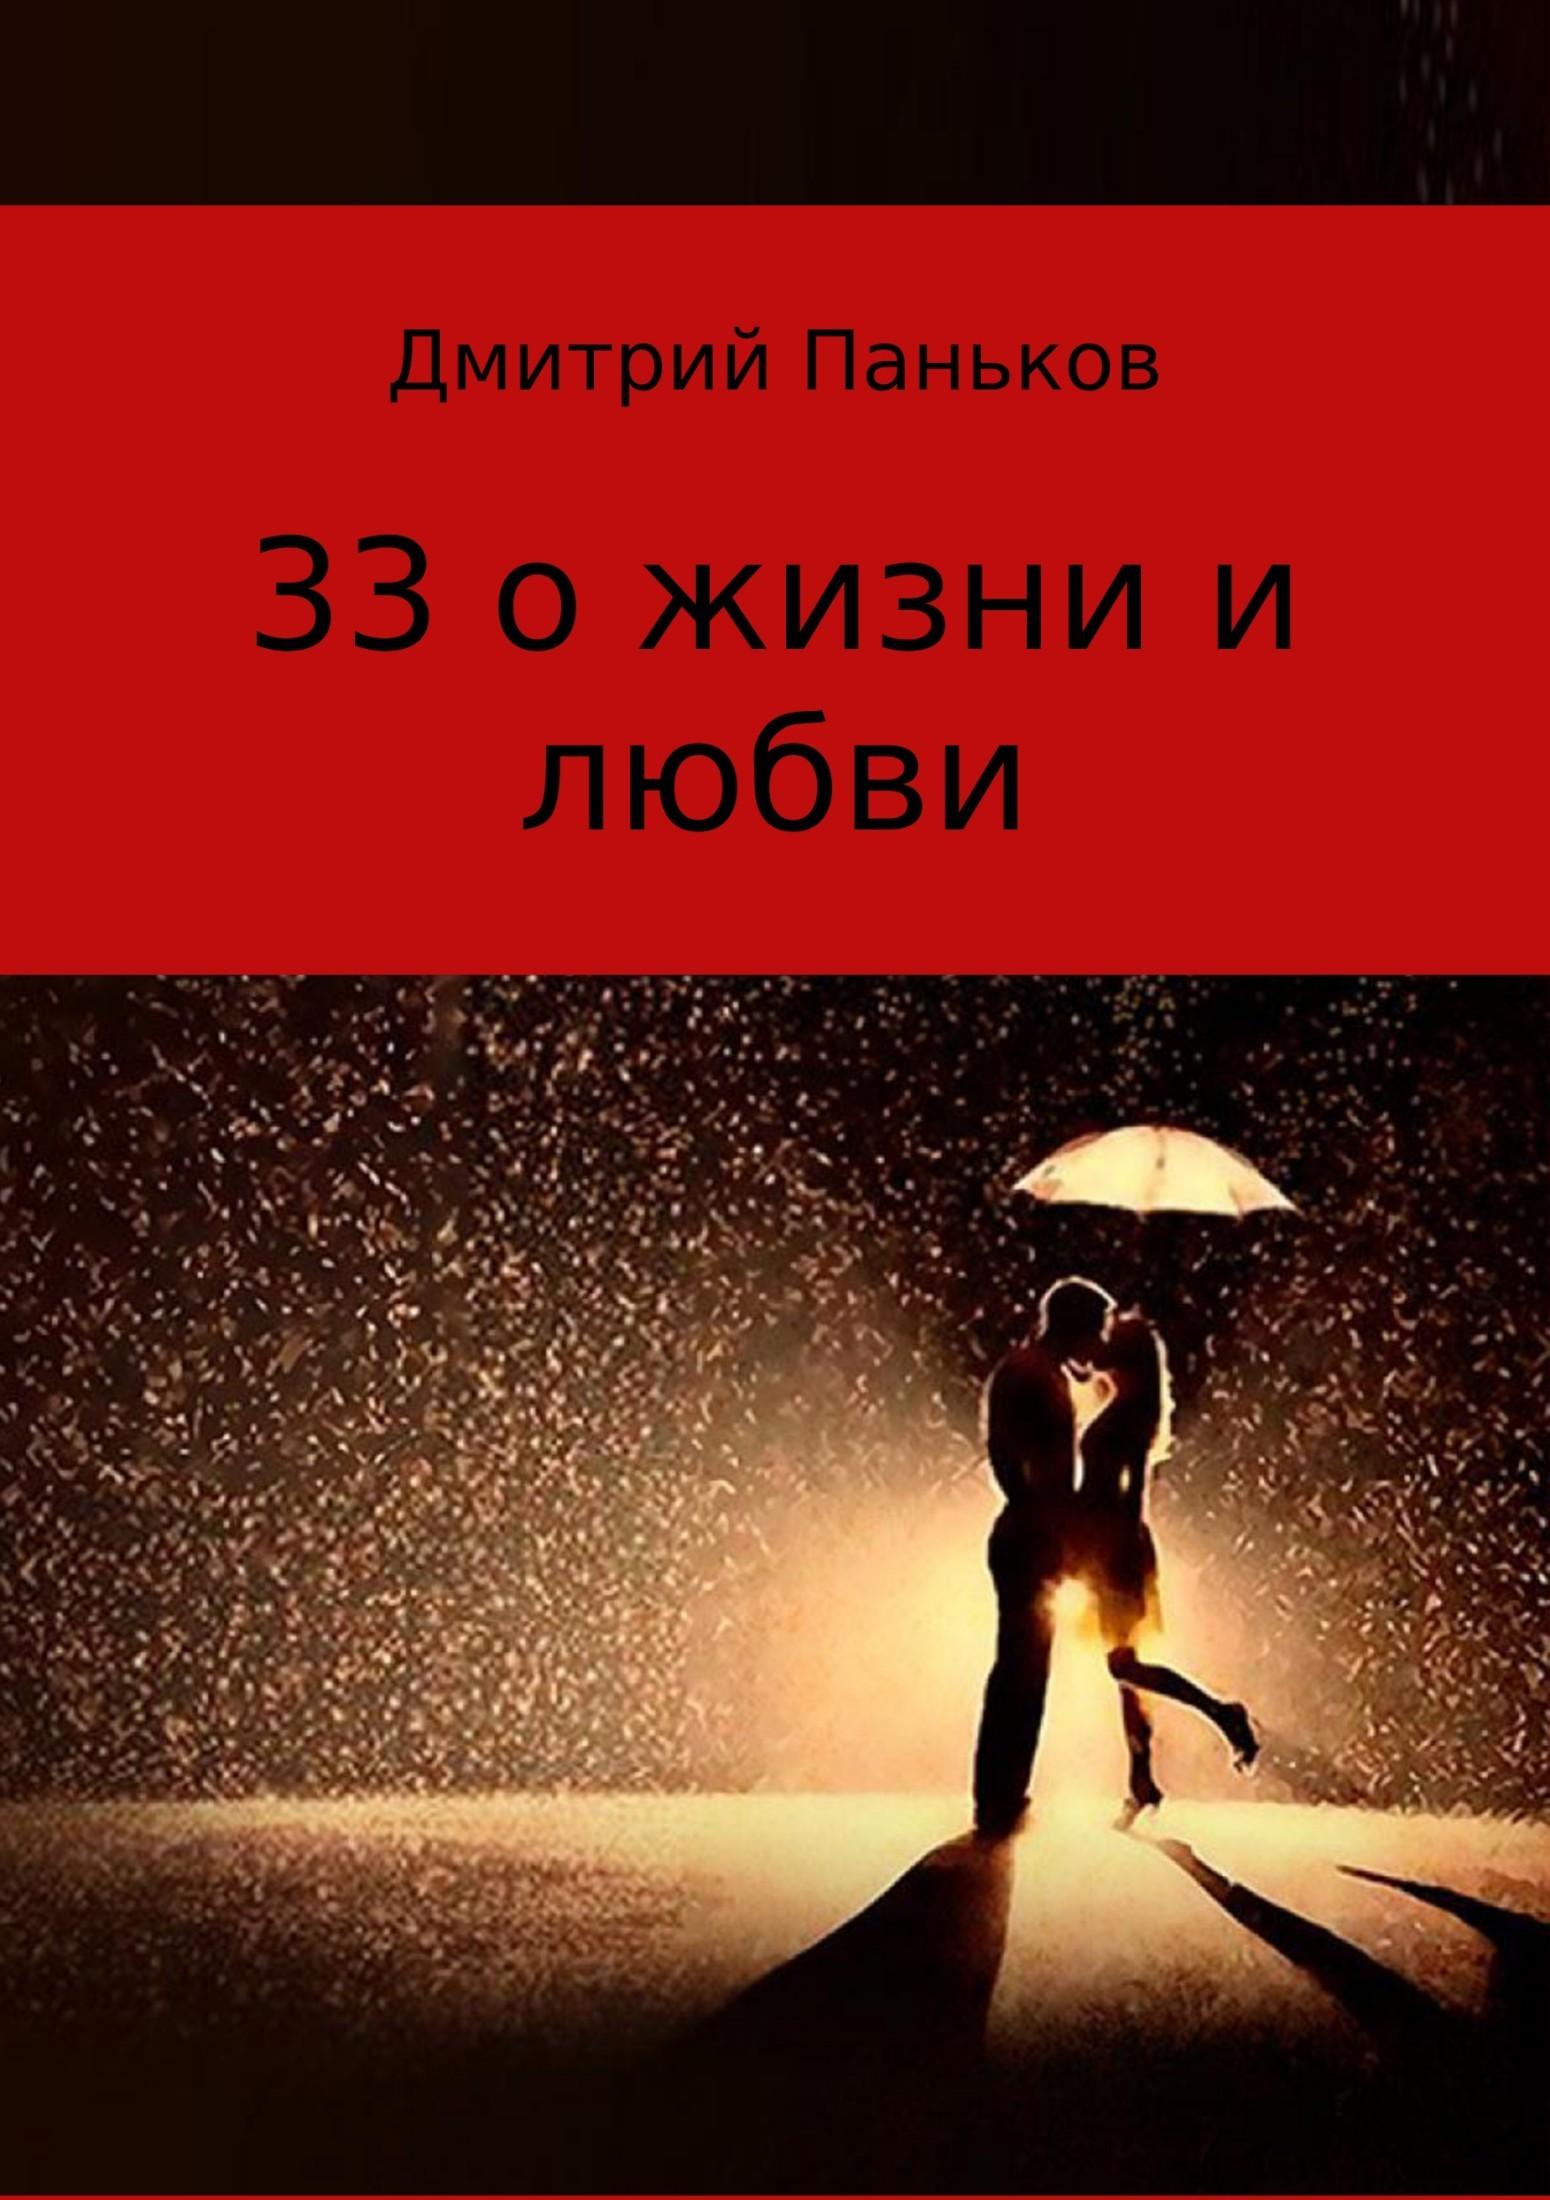 Дмитрий Владимирович Паньков 33 о жизни и любви. Сборник стихов дмитрий лихачев мысли о жизни воспоминания